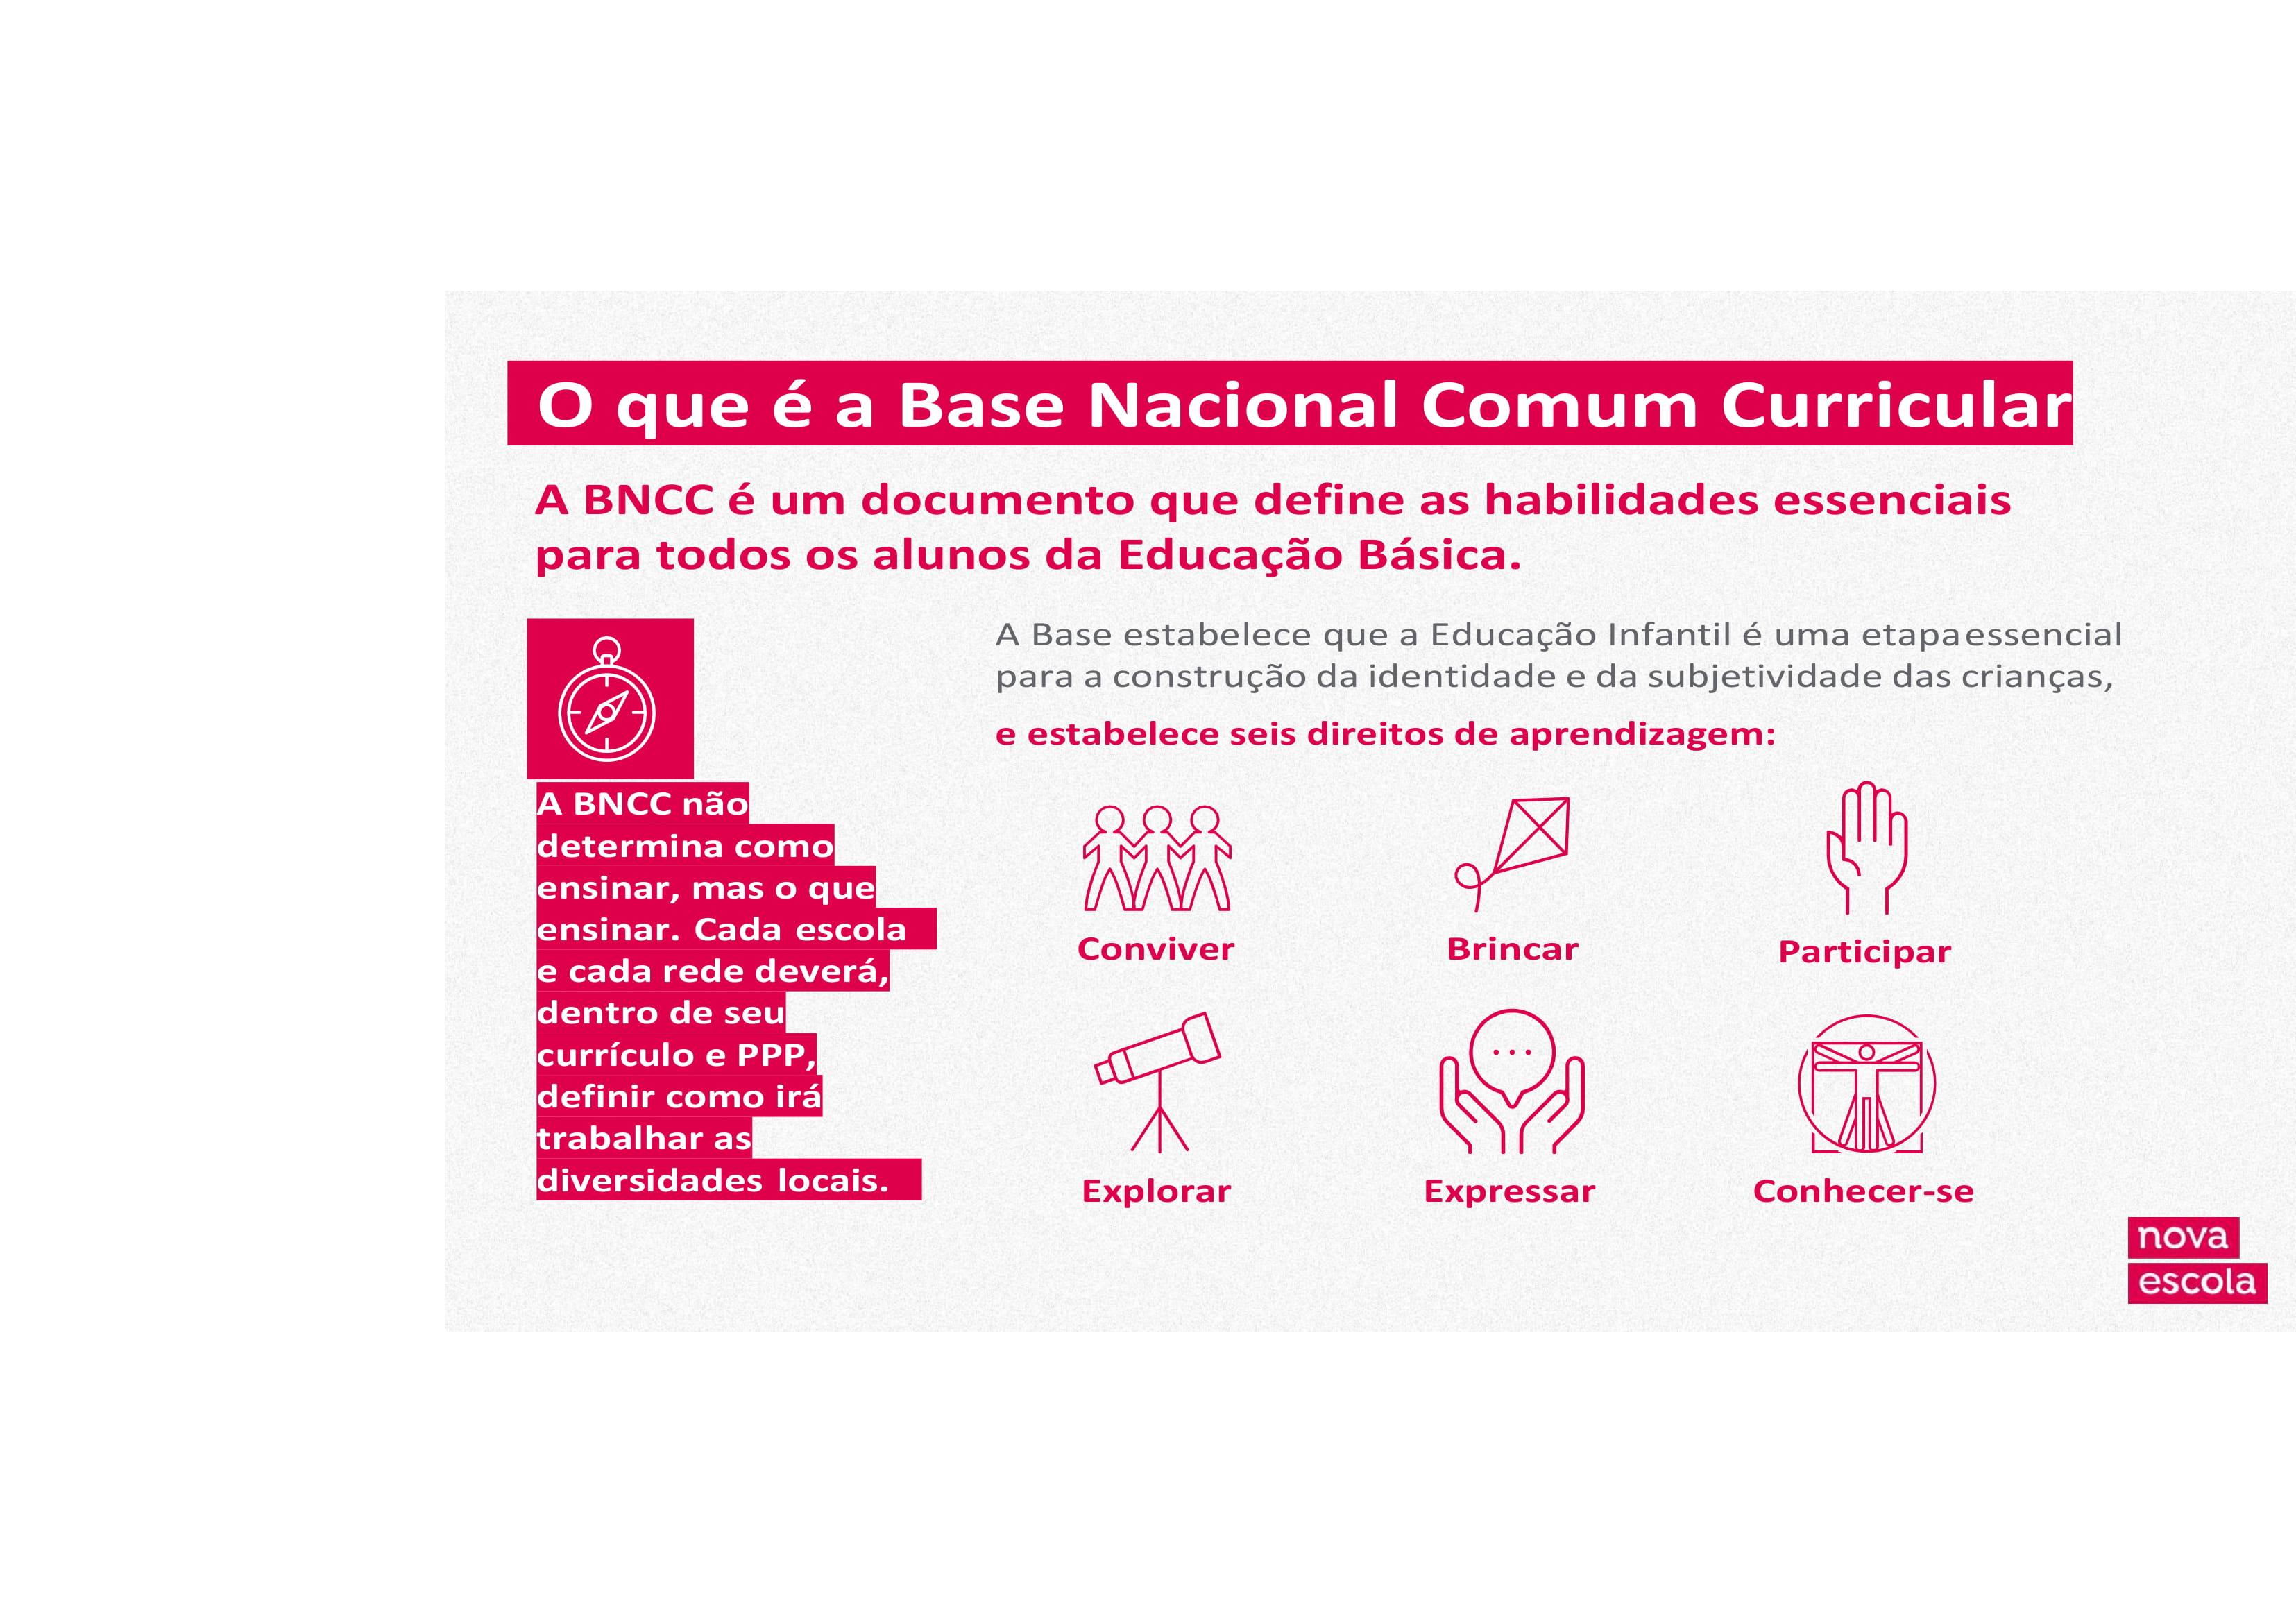 planejamento-educação-infantil-bncc-geral-196